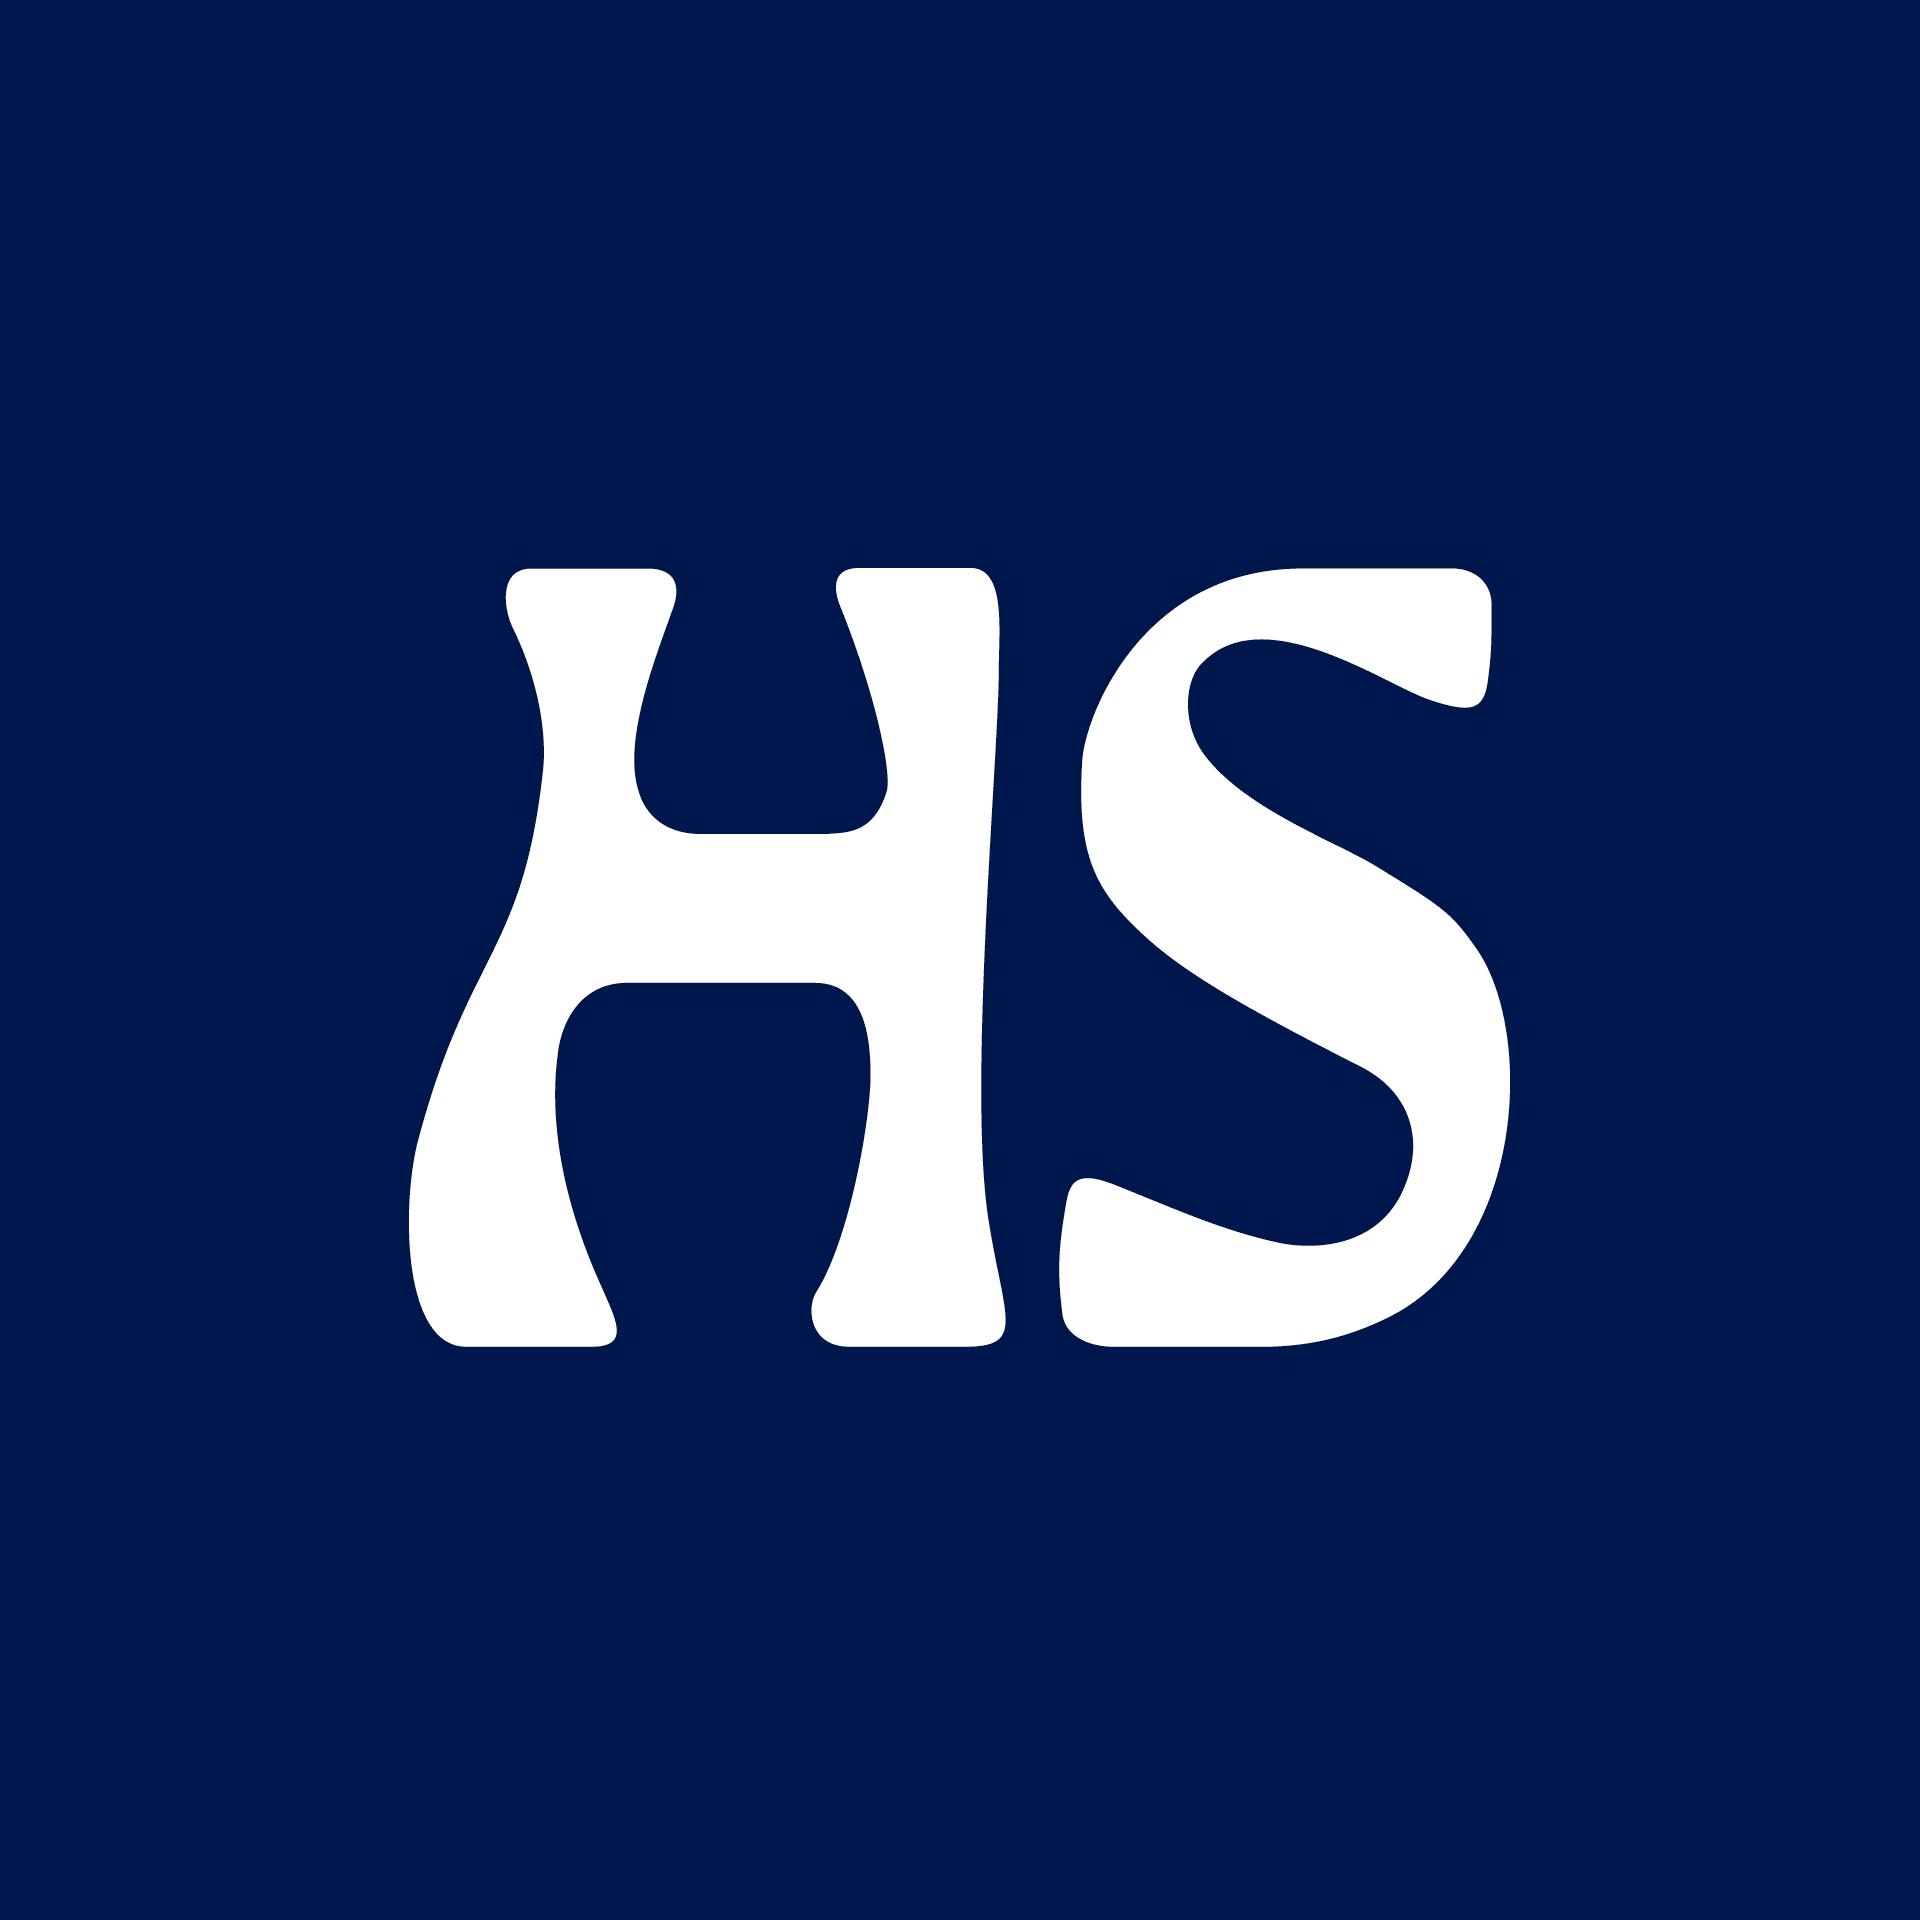 www.hs.fi